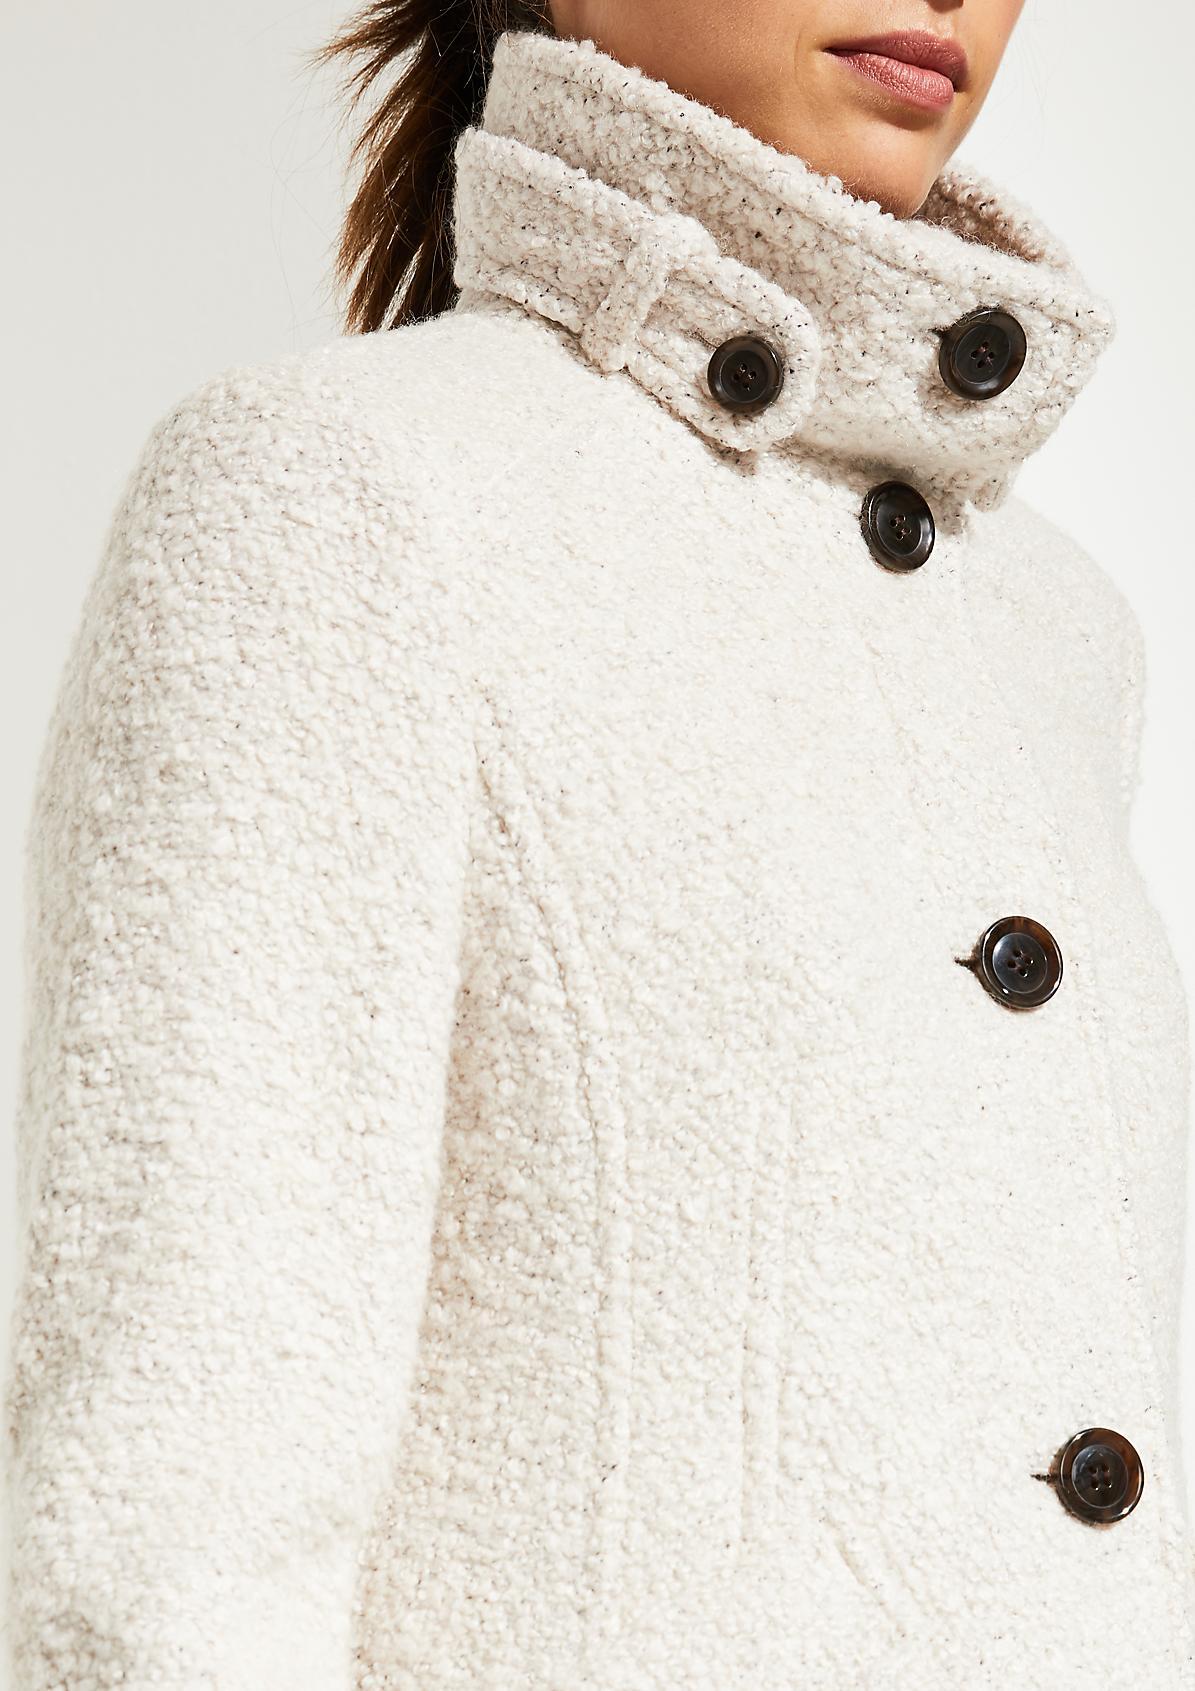 Boucle-Mantel mit raffinierten Detailarbeiten